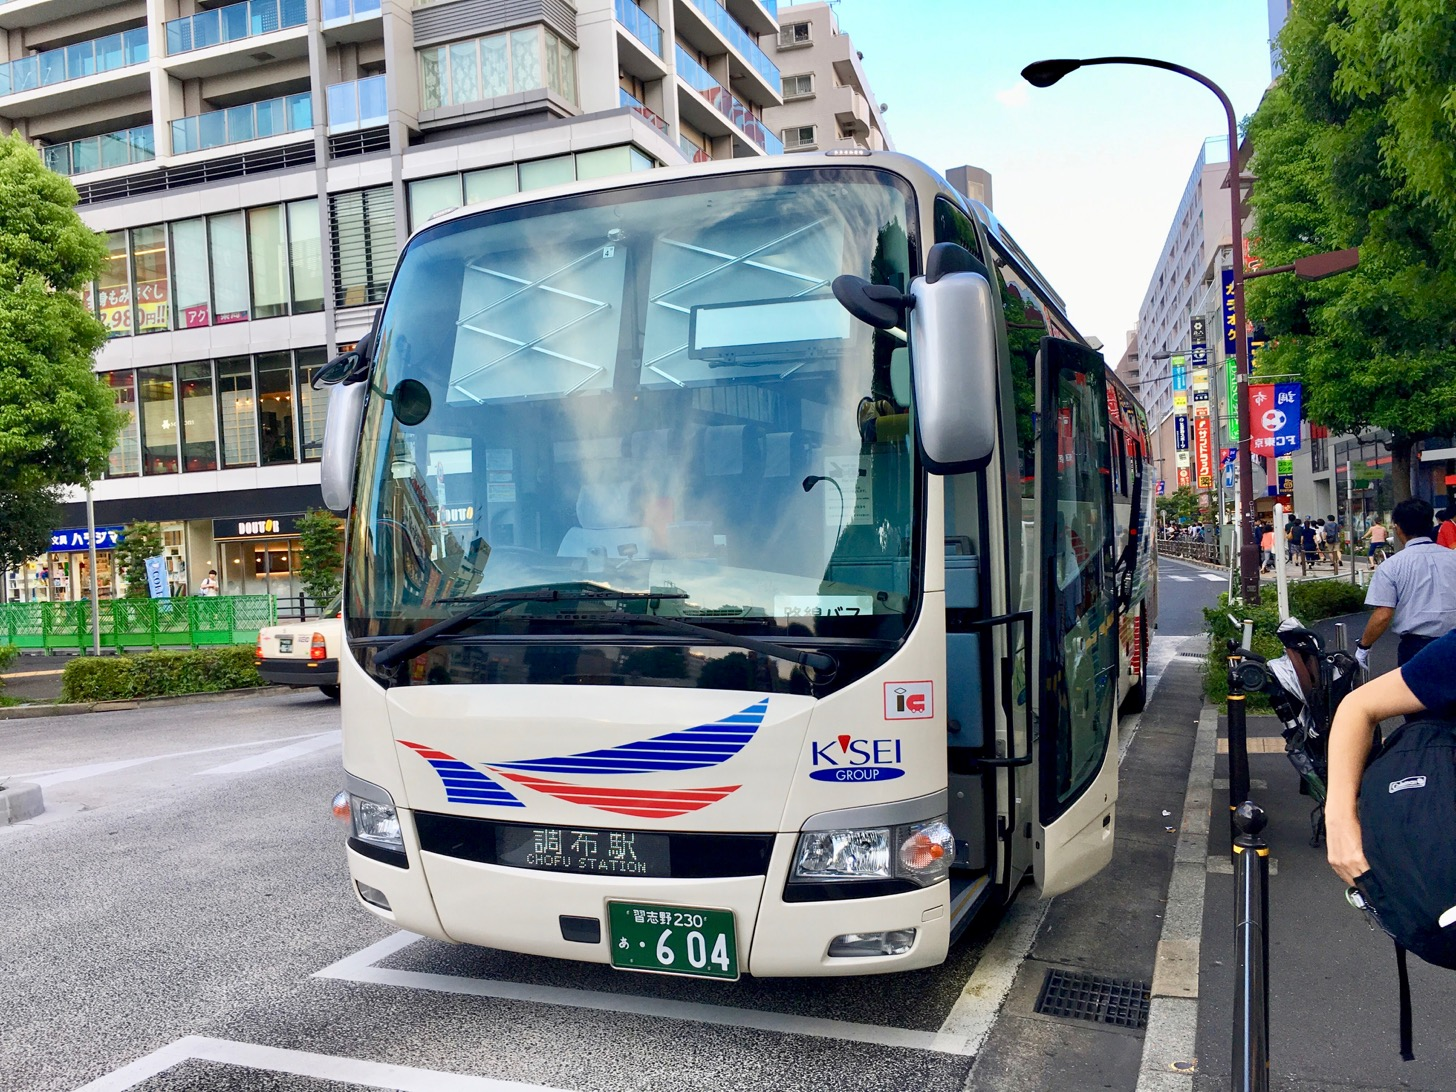 調布駅からディズニーランド・シーにバスで行く方法